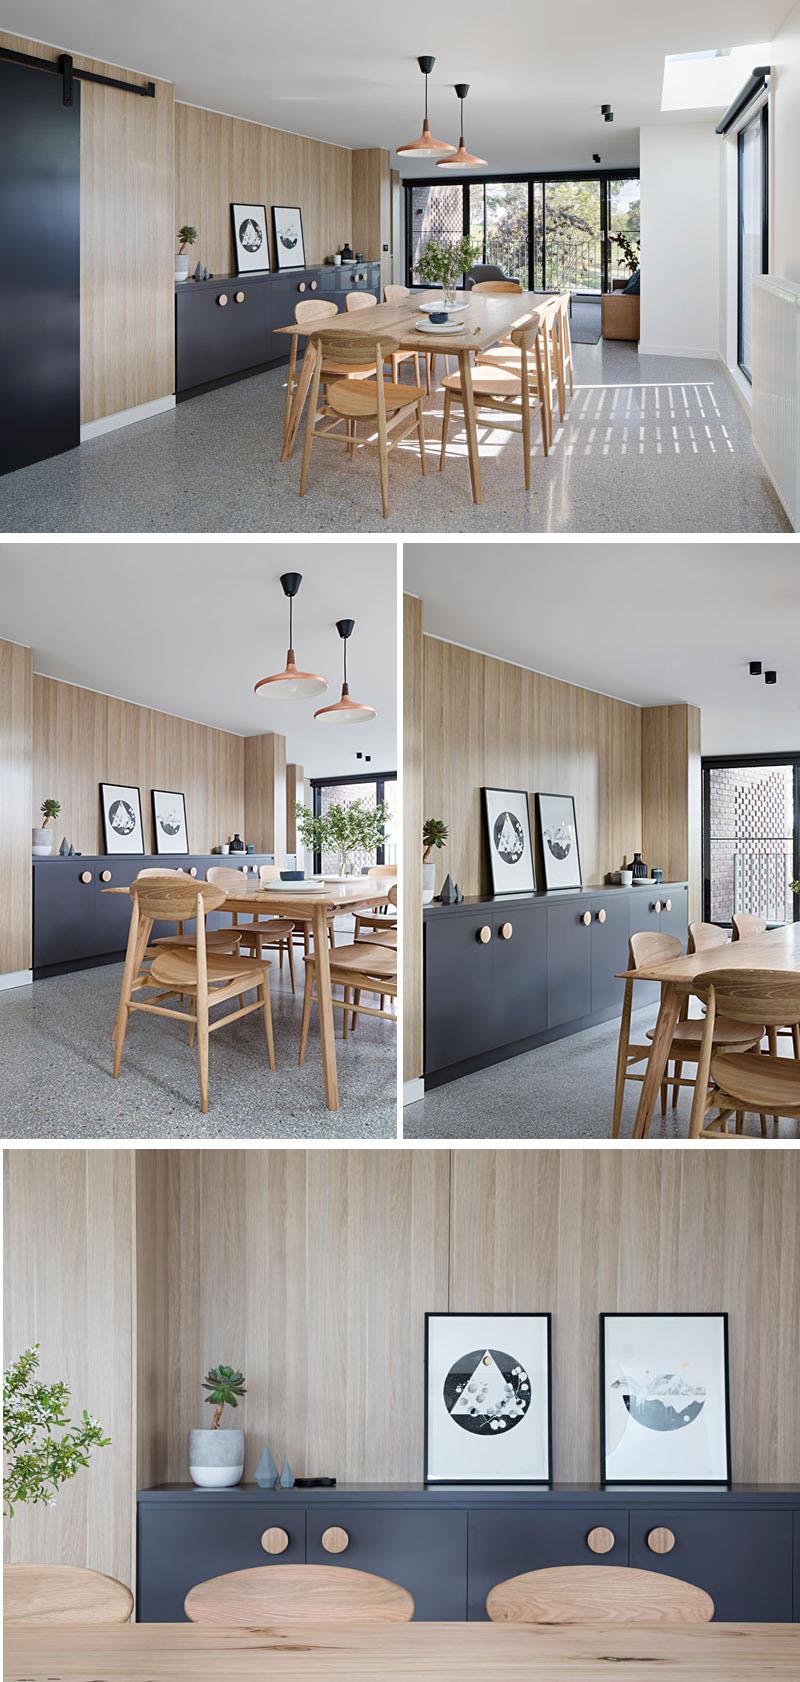 Inspirerende verbouwing van een jaren \'70 familiewoning | Interieur ...